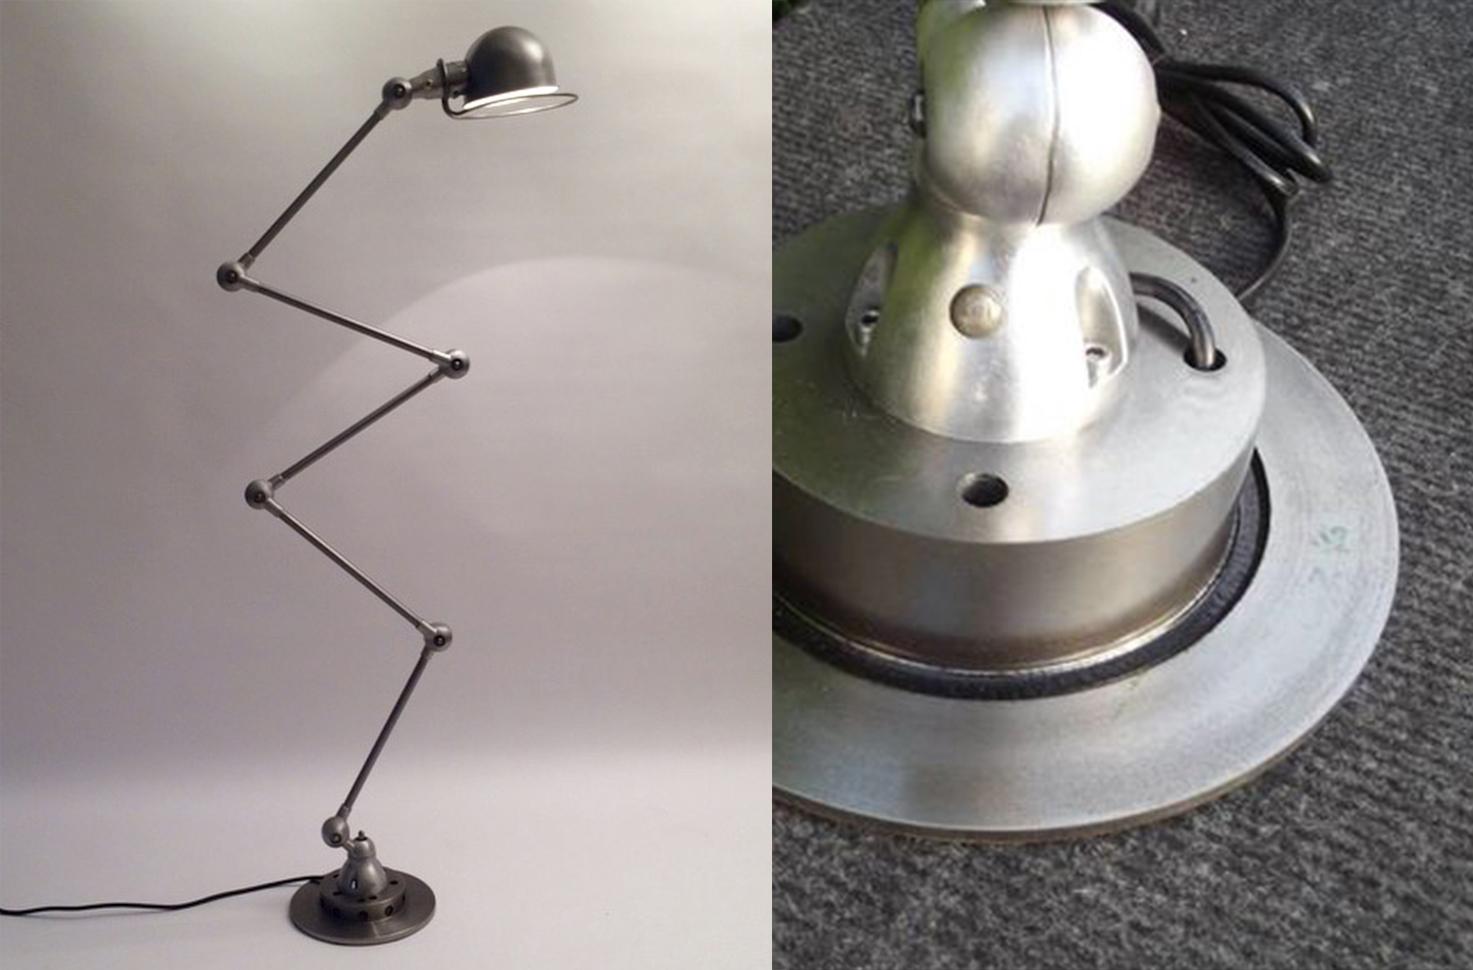 Gauche : Lampe Jean-Louis Domecq image de représentation, droite : détail du modèle Catawiki